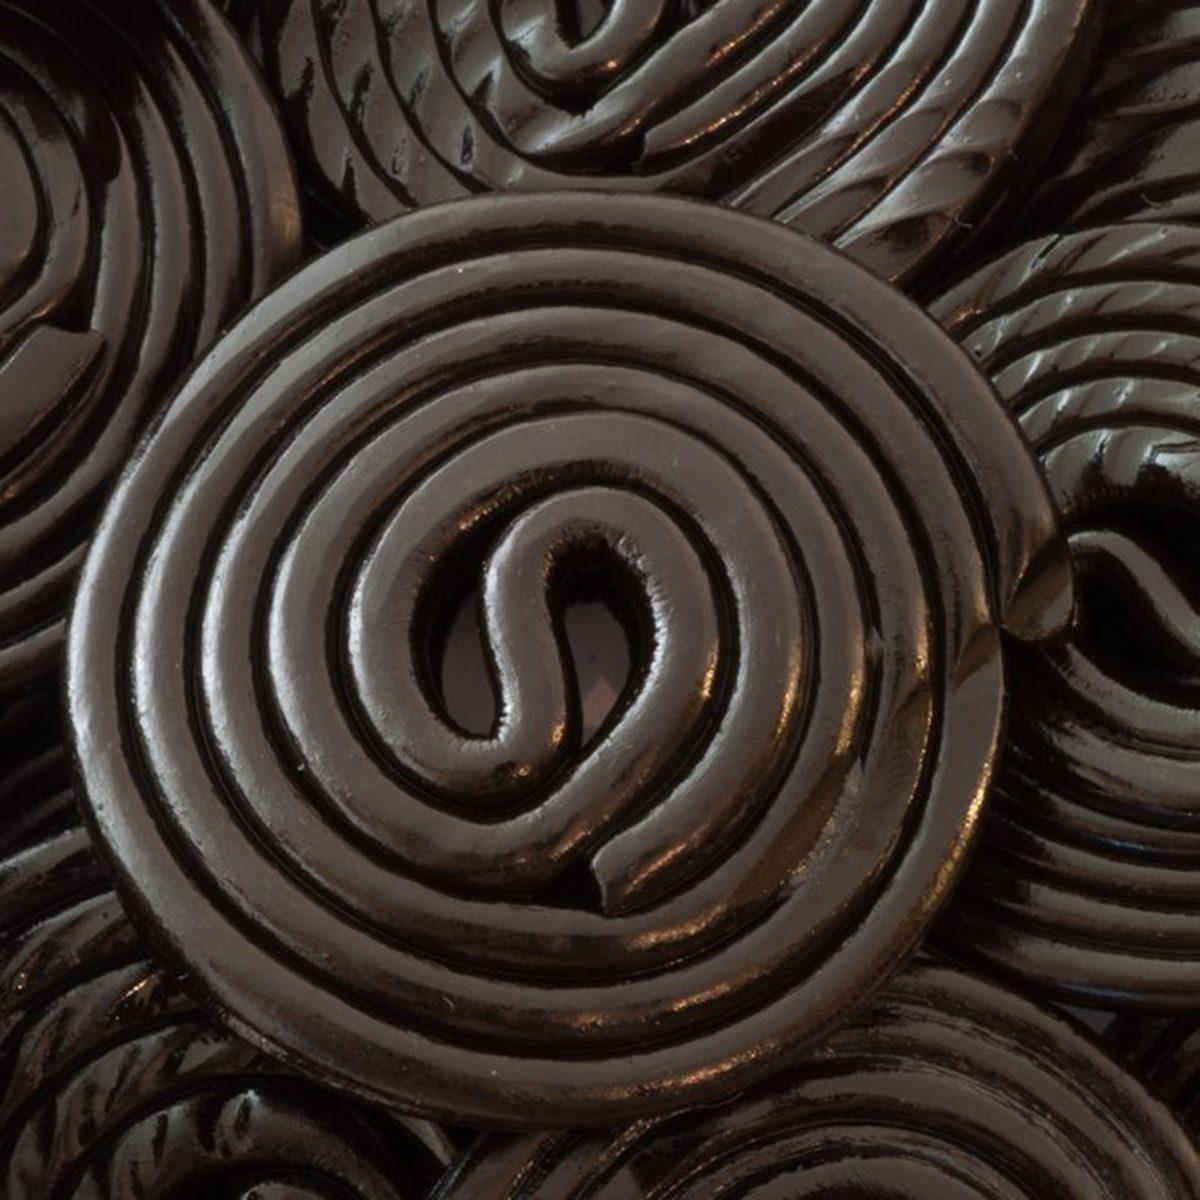 Licorice rolls